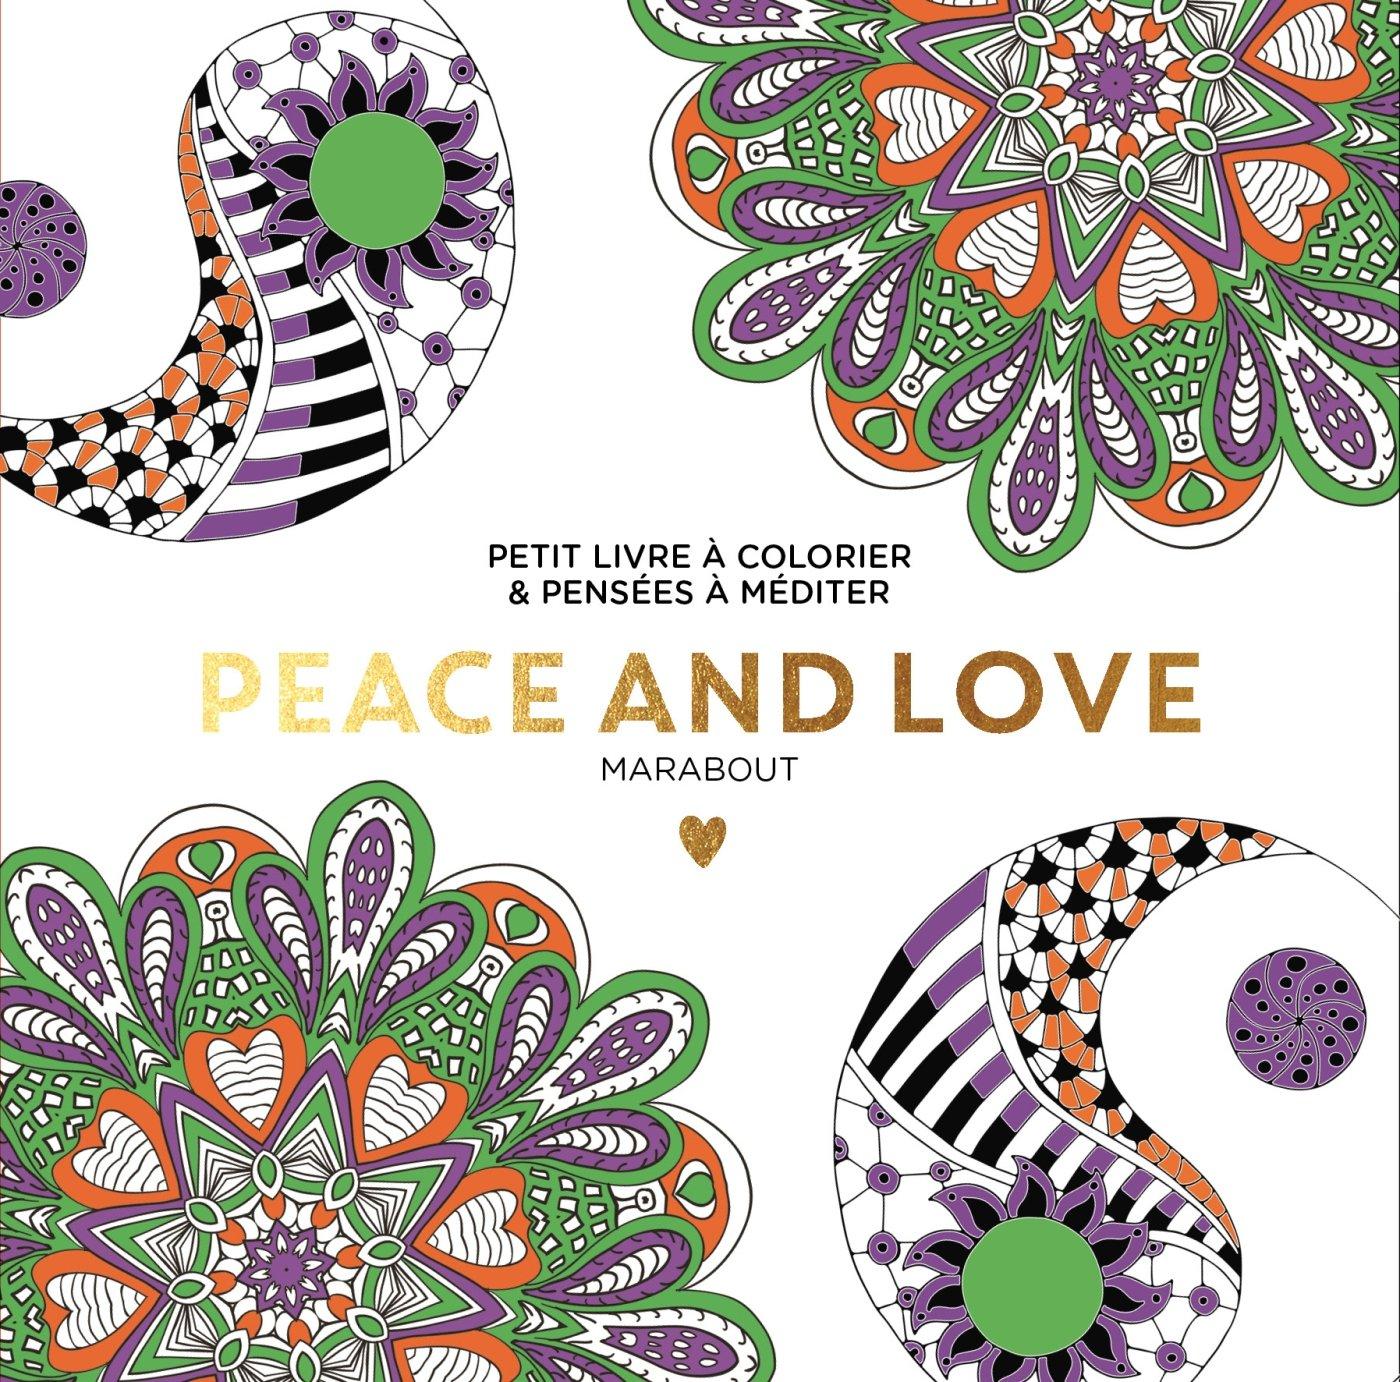 Le Petit Livre De Coloriage Peace And Love 9782501113359 Amazon